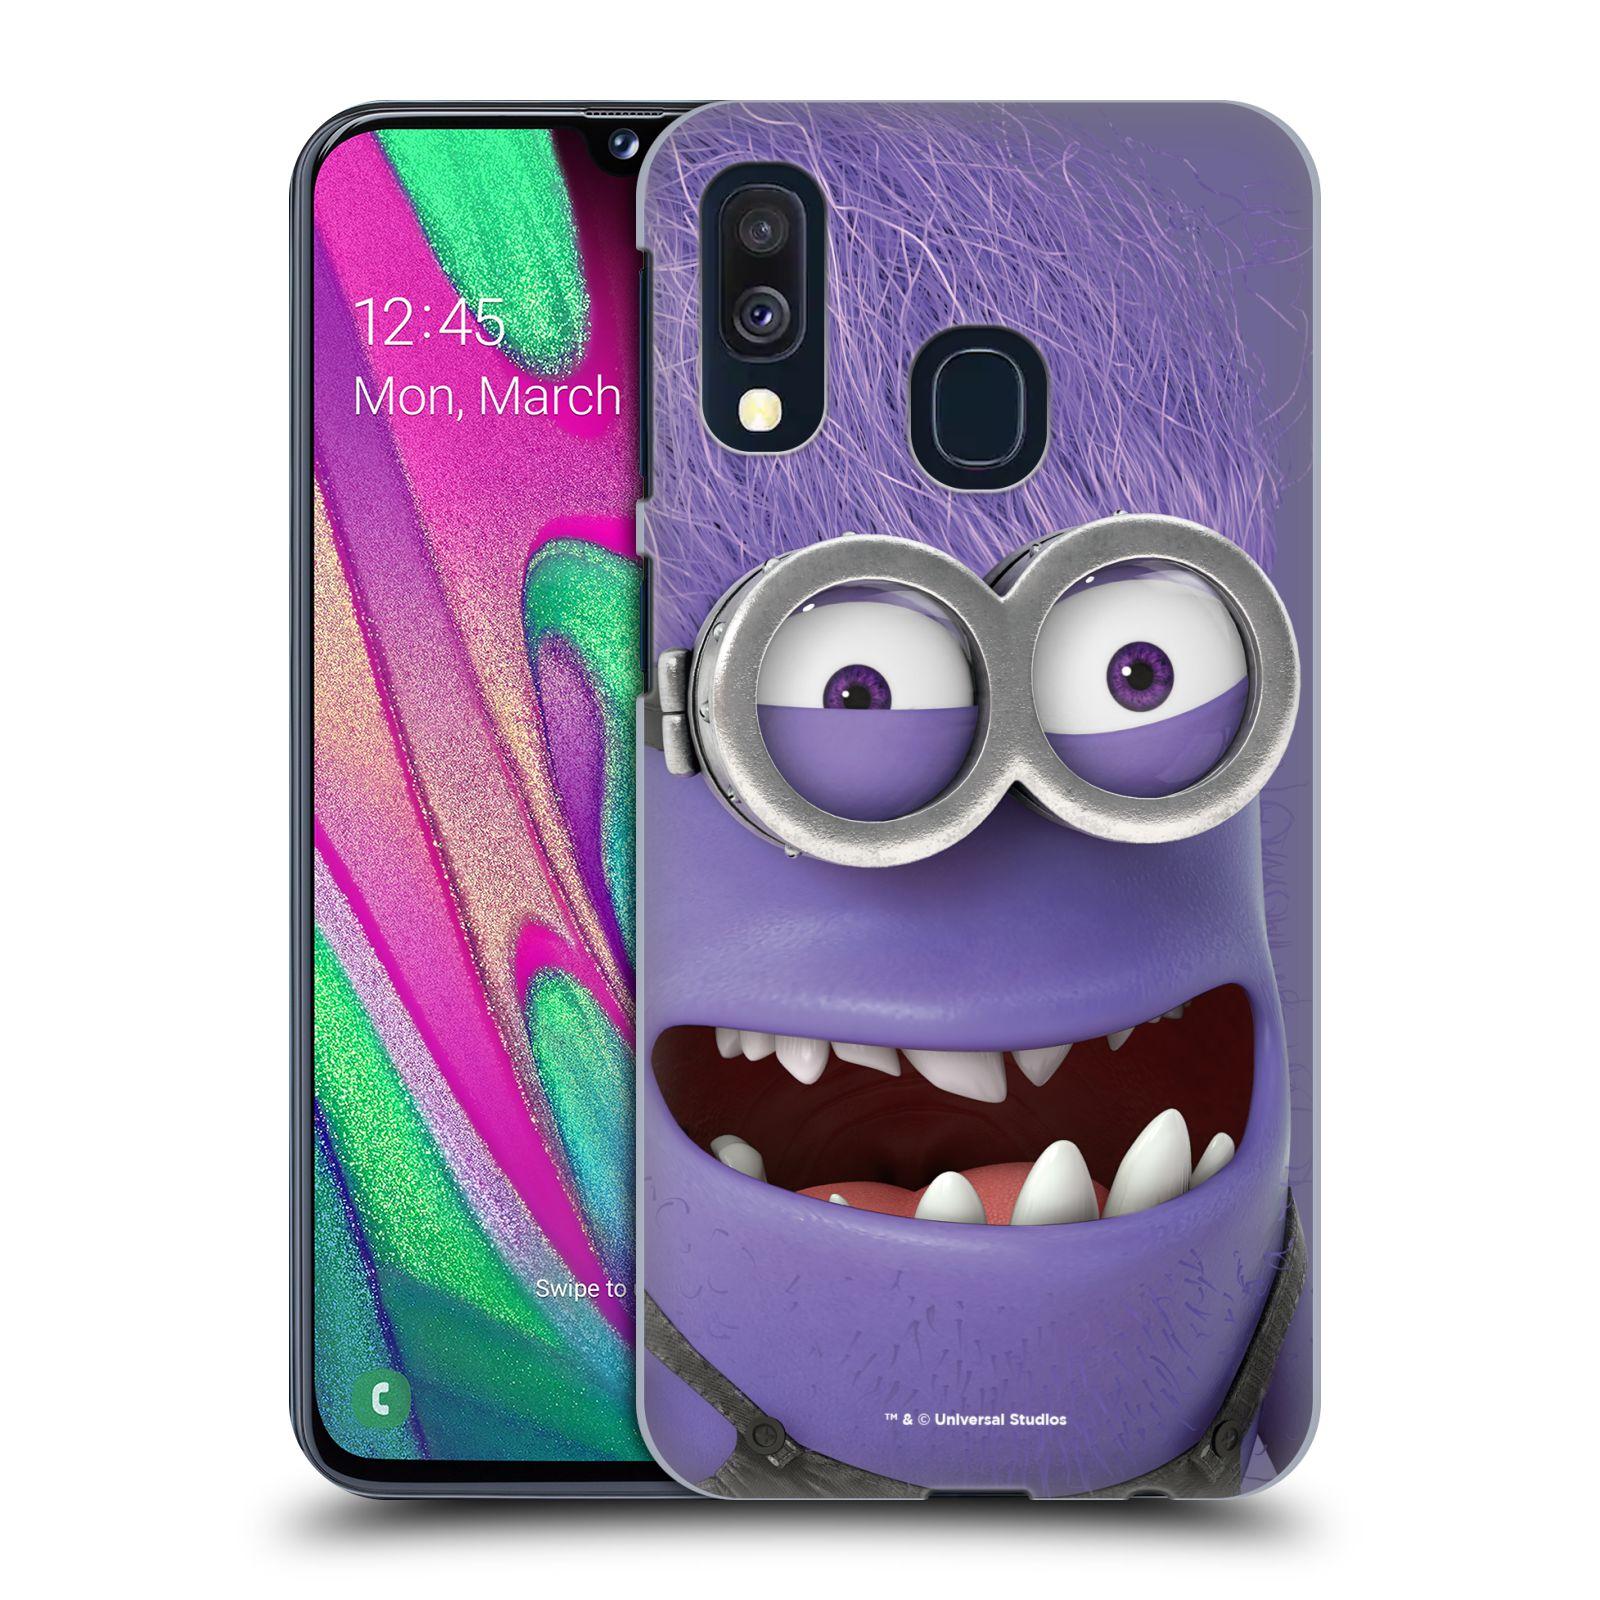 Plastové pouzdro na mobil Samsung Galaxy A40 - Head Case - Zlý Mimoň z filmu Já, padouch - Despicable Me